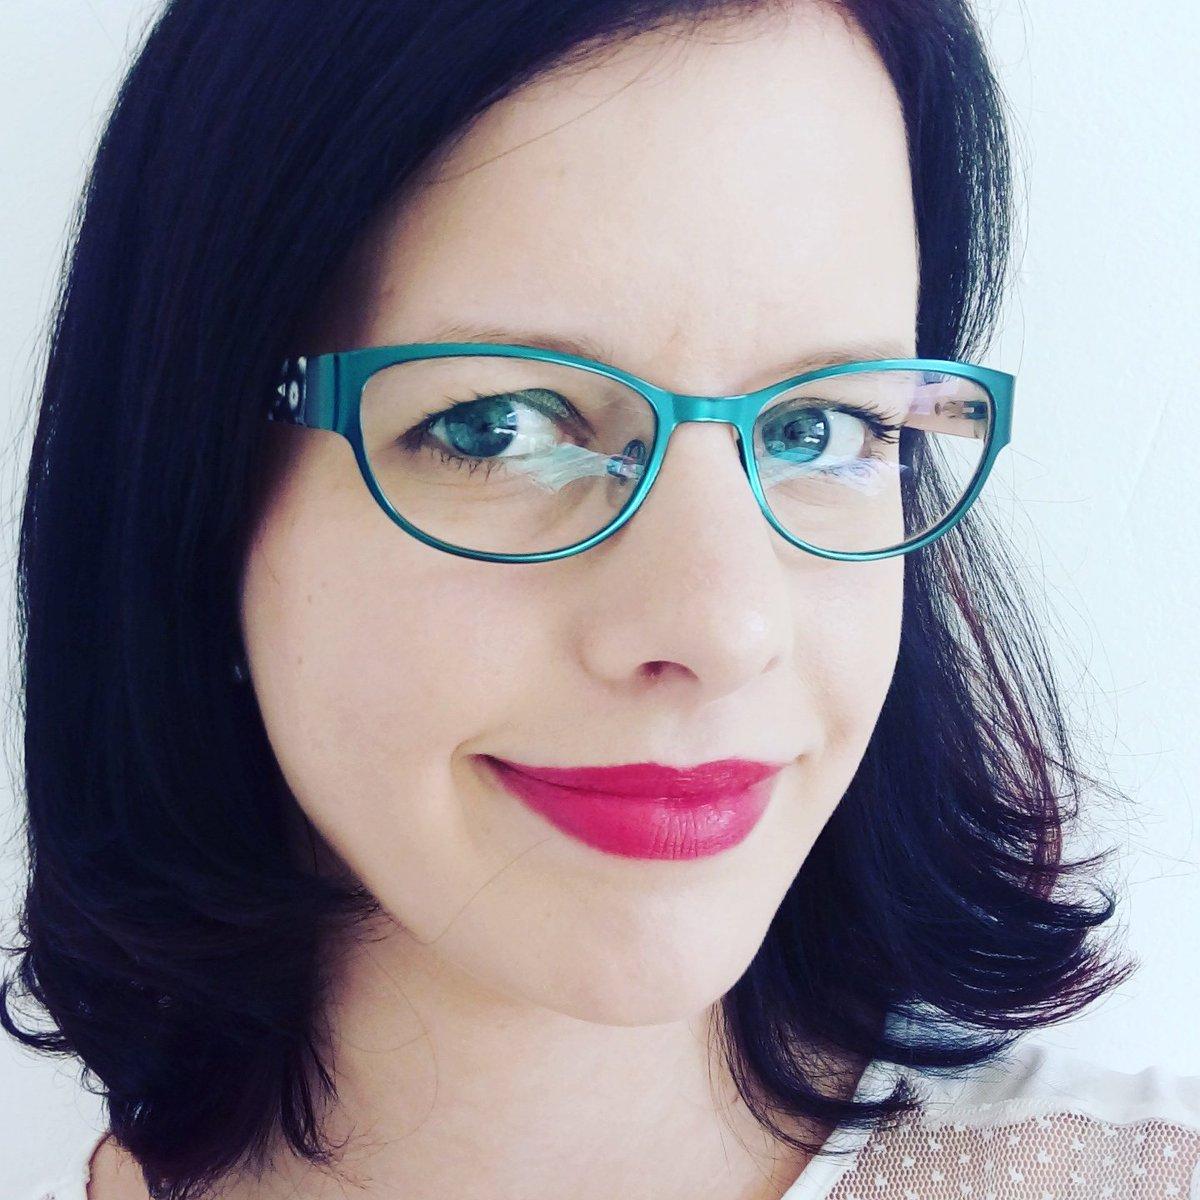 """Kateřina Kňapová on Twitter: """"Když jdeš nakupovat v předstihu vánoční dárky a úplně náhodou narazis na naprosto boží odstín rtěnky #lipstickjunkie… """""""